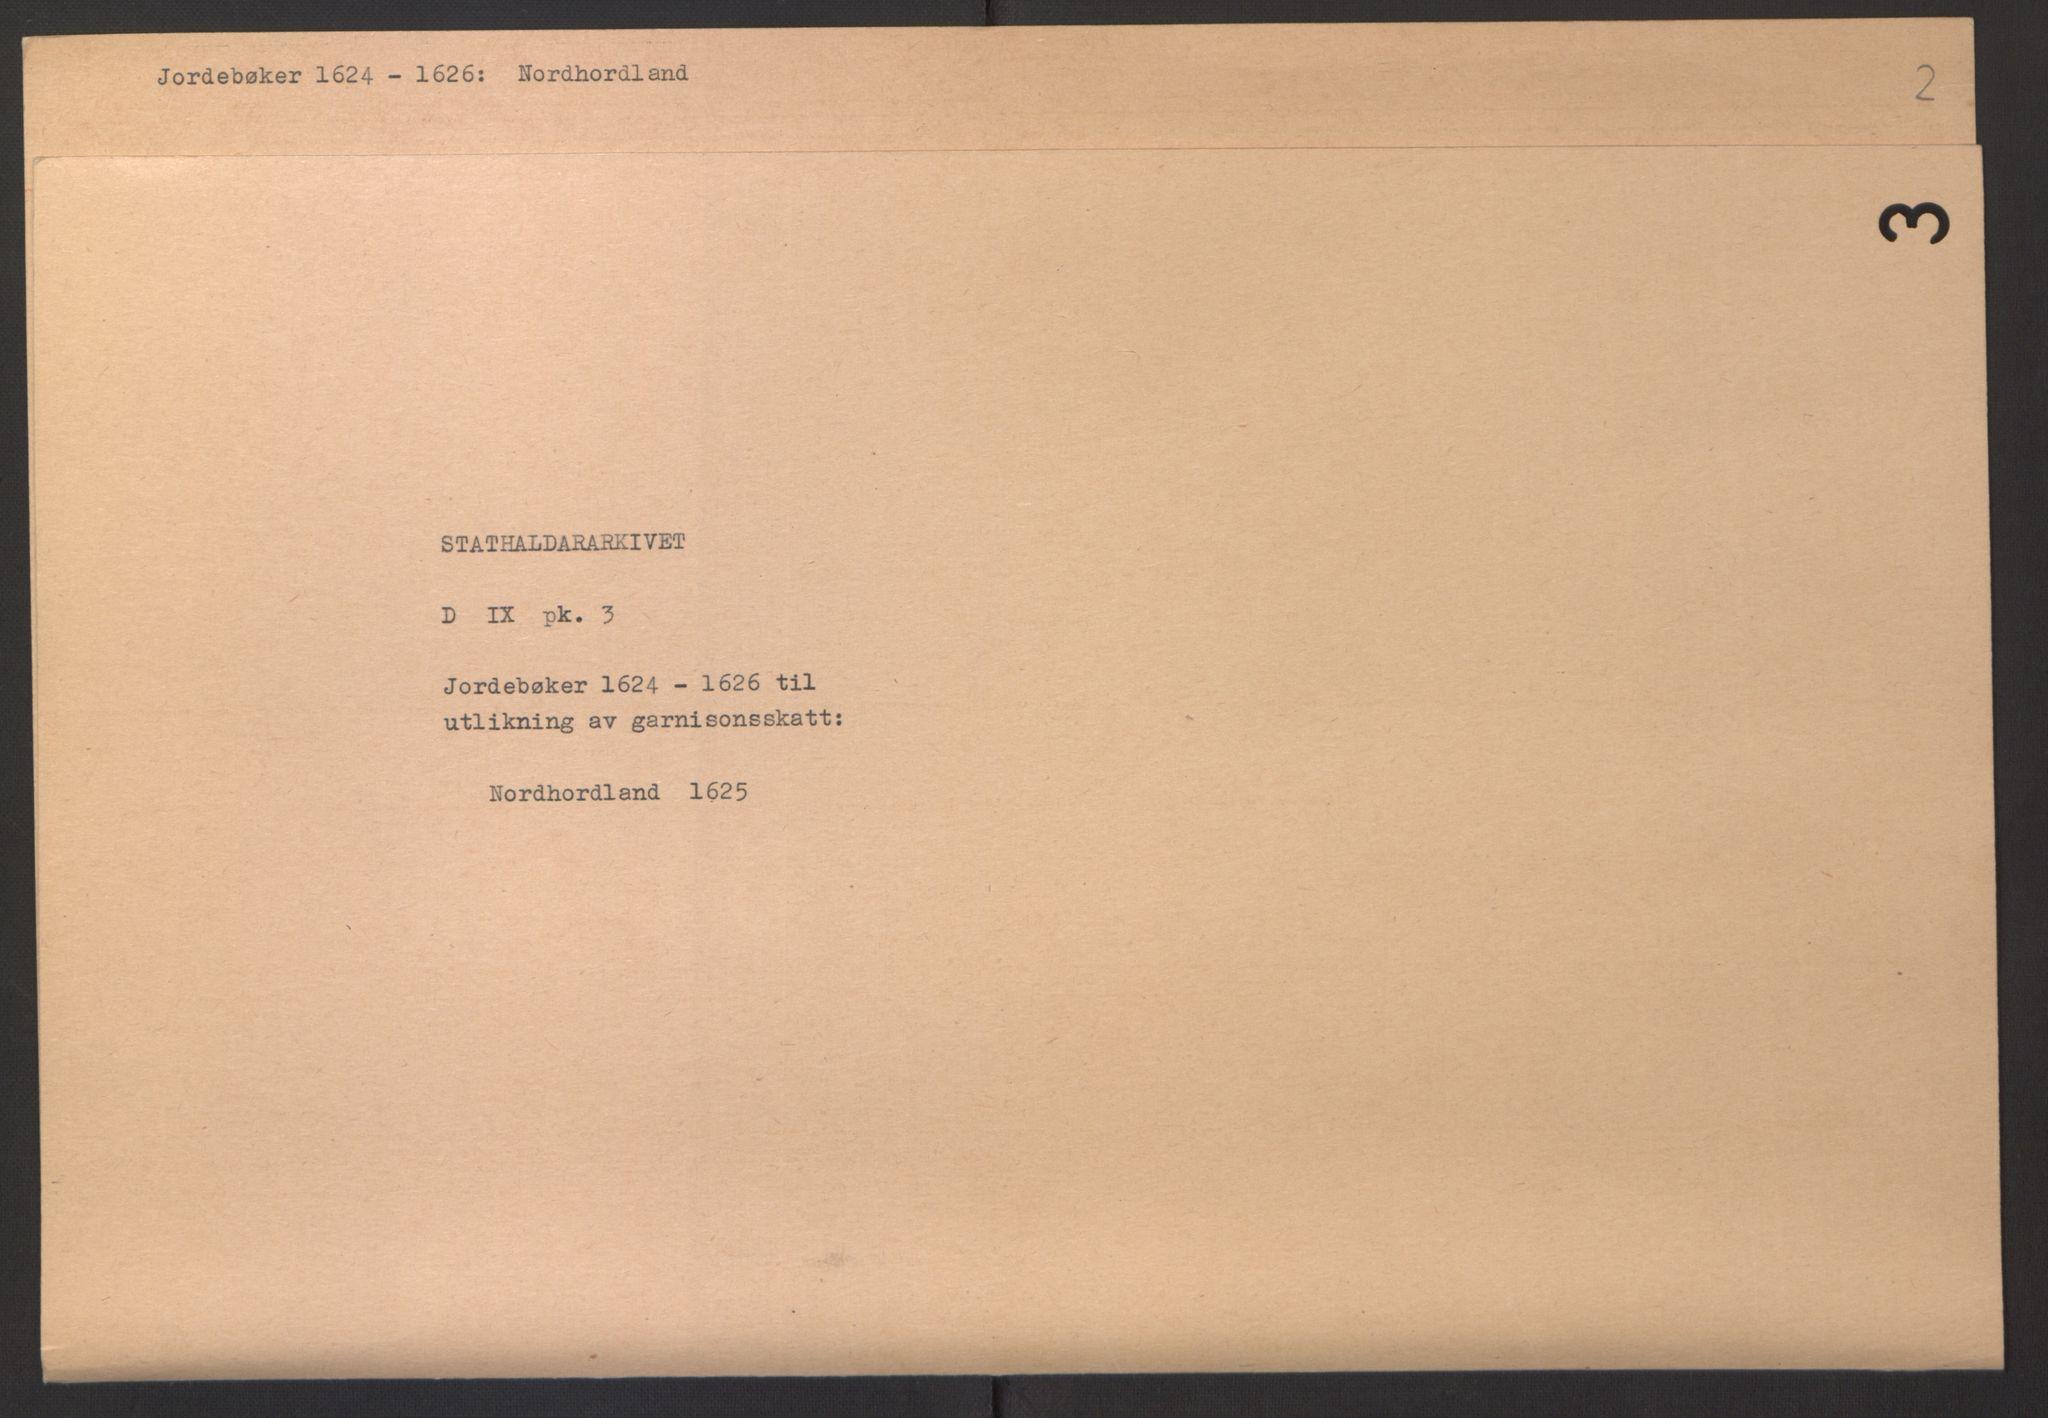 RA, Stattholderembetet 1572-1771, Ek/L0003: Jordebøker til utlikning av garnisonsskatt 1624-1626:, 1624-1625, s. 70